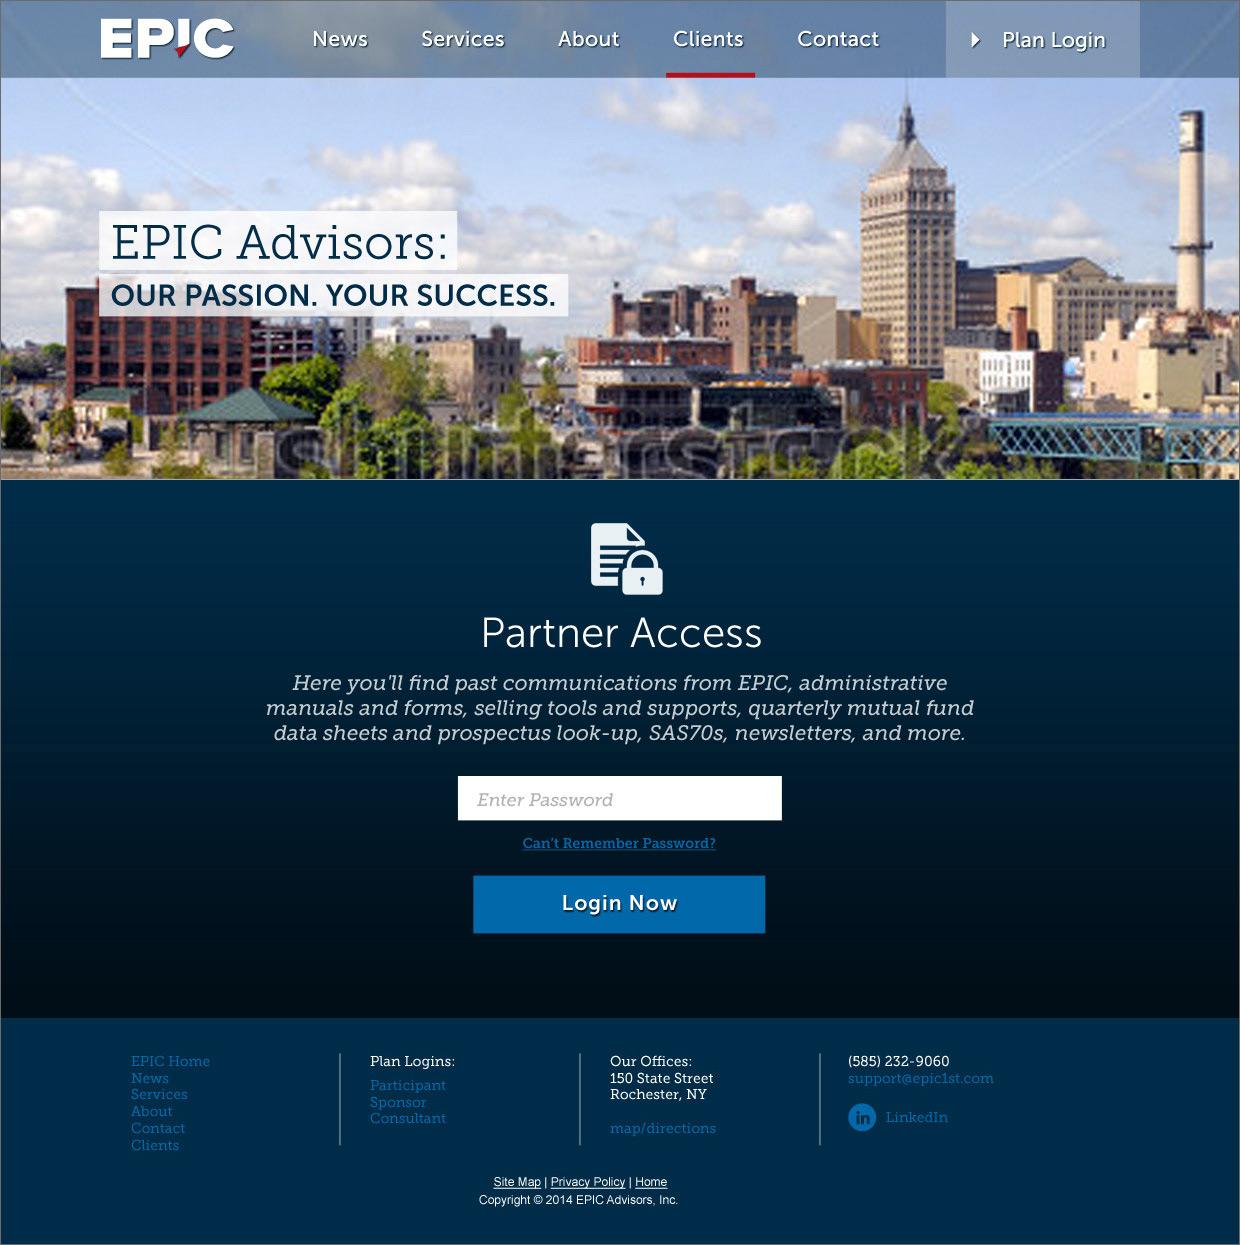 EPIC_web_final_CLIENTS.jpg